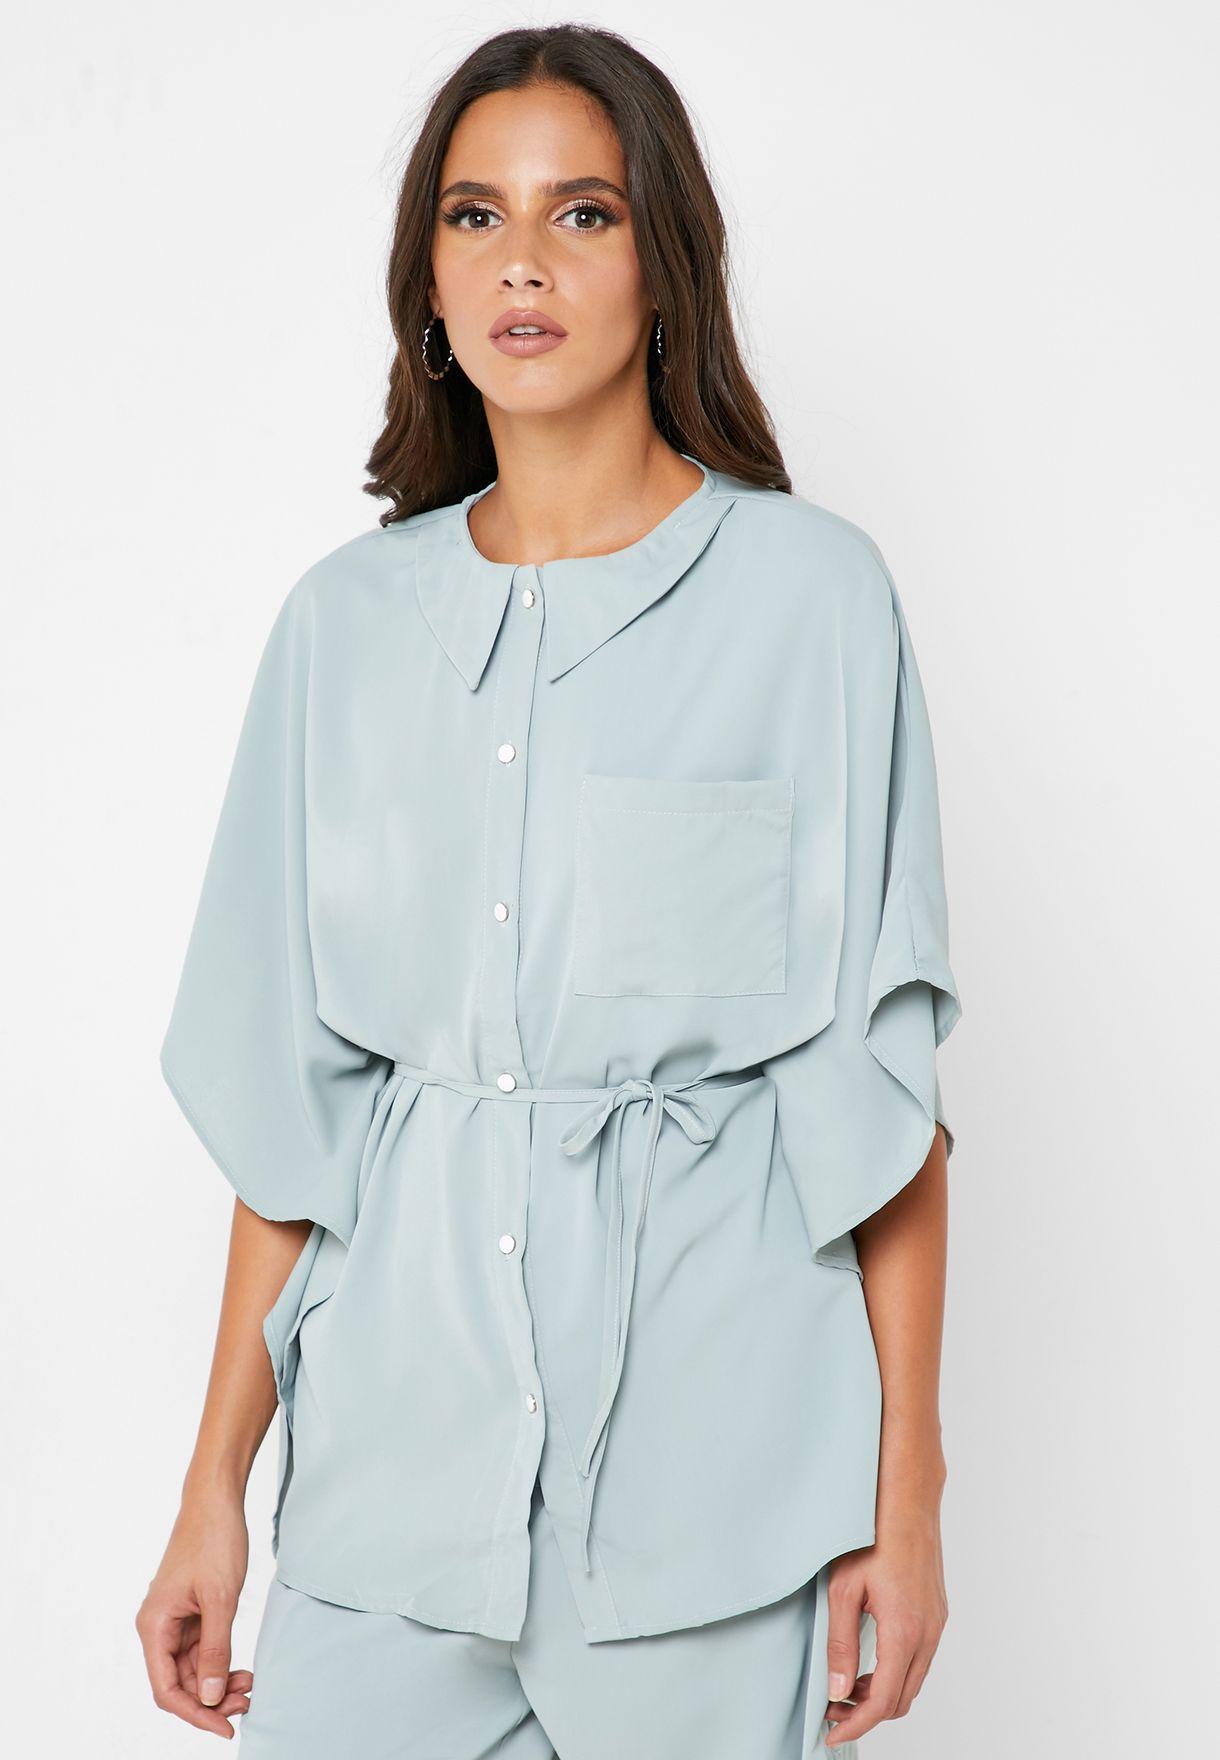 طقم (شورت + قميص)